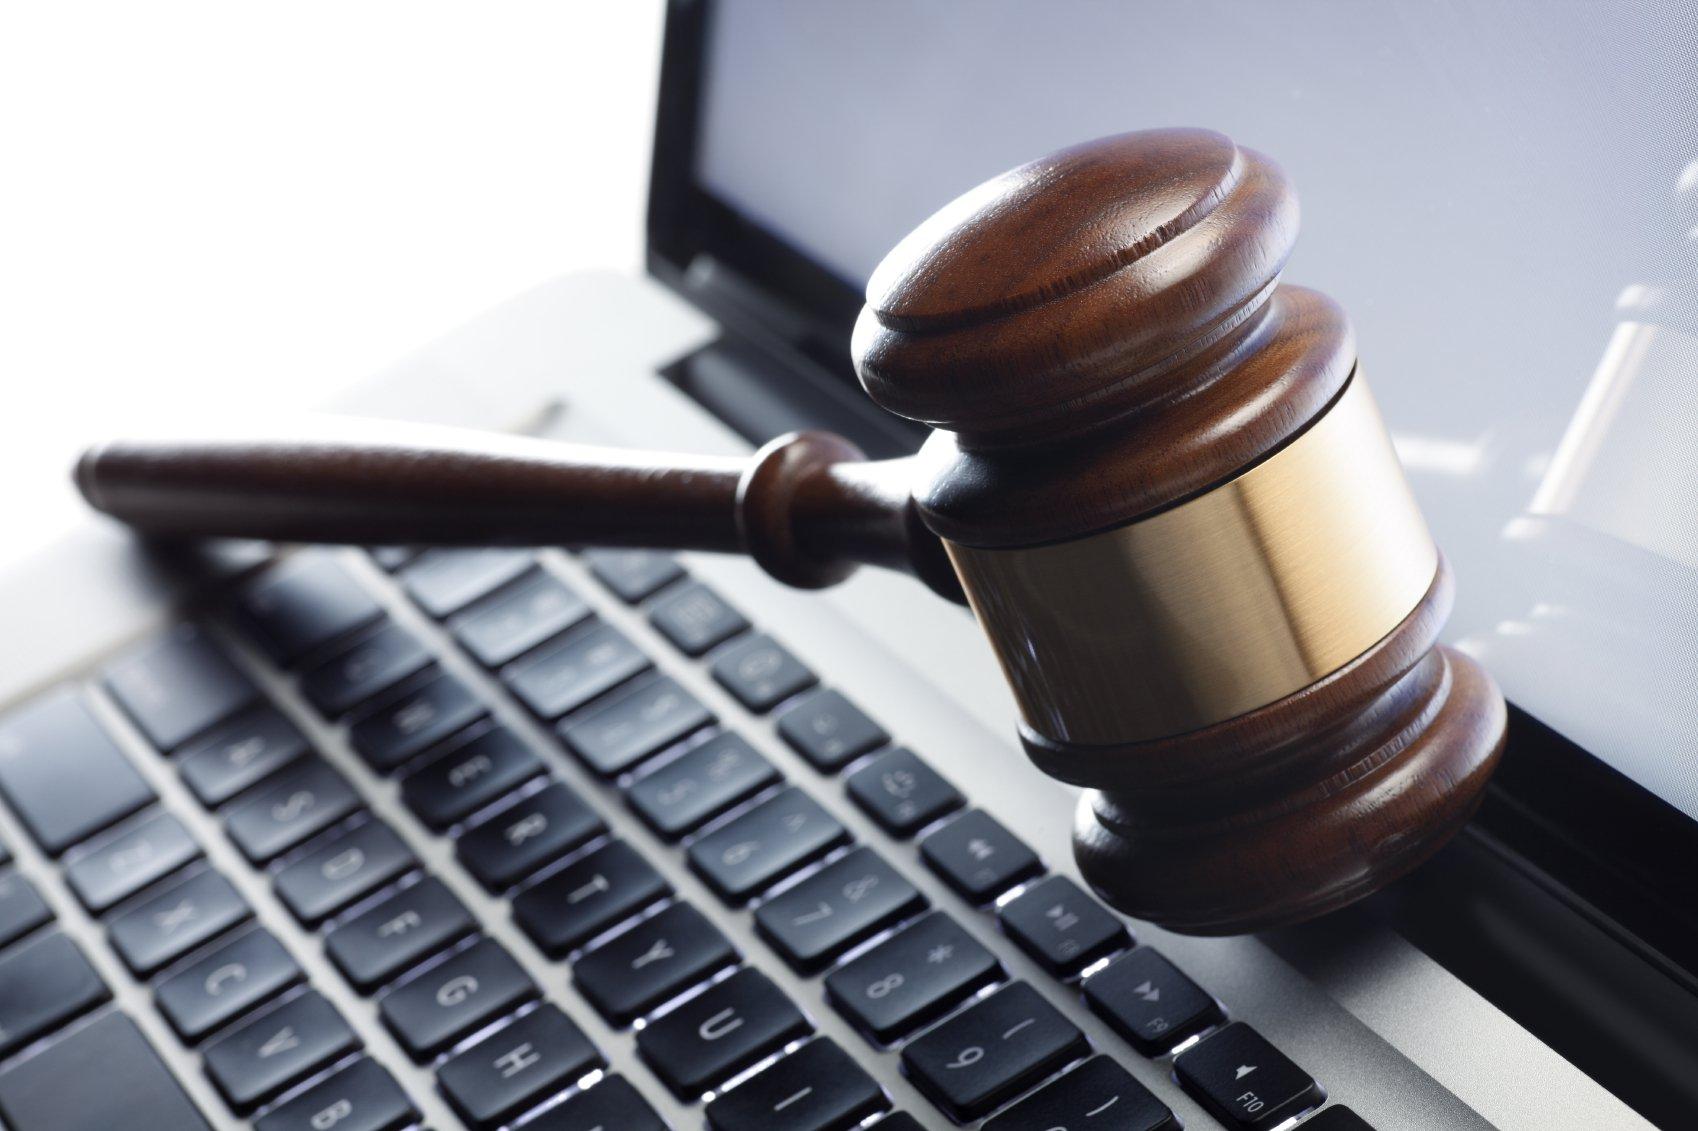 направленное под юридическая ответственность за фото в интернете может обеспечивать